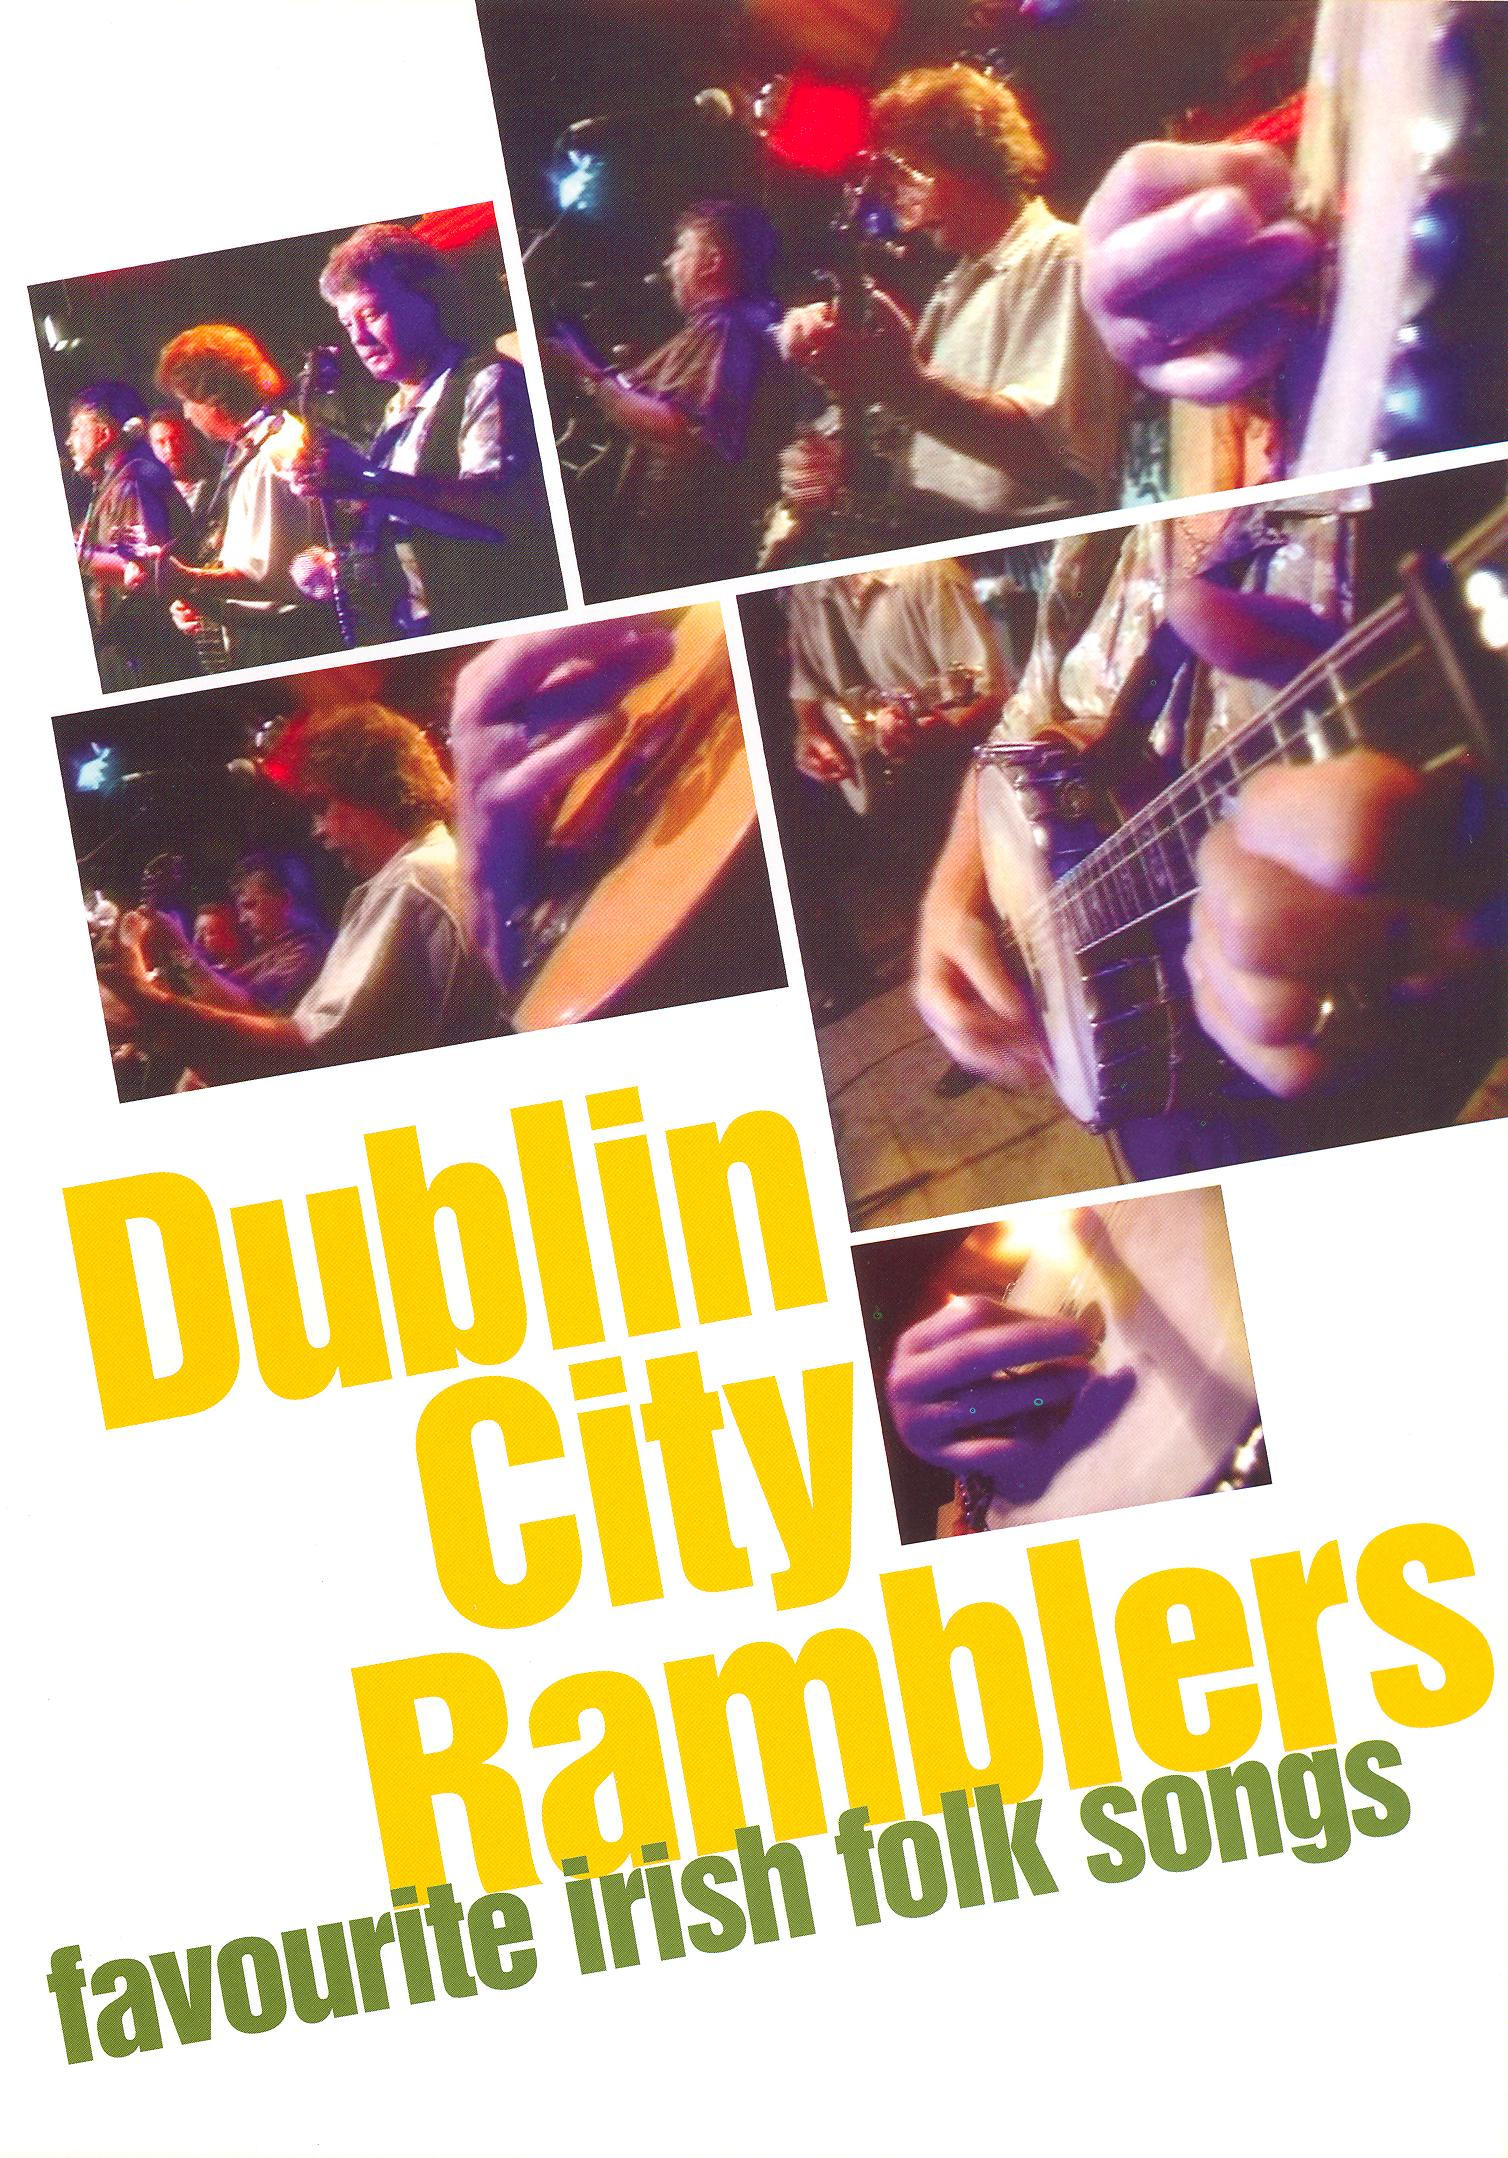 Dublin City Ramblers: Favorite Irish Folk Songs